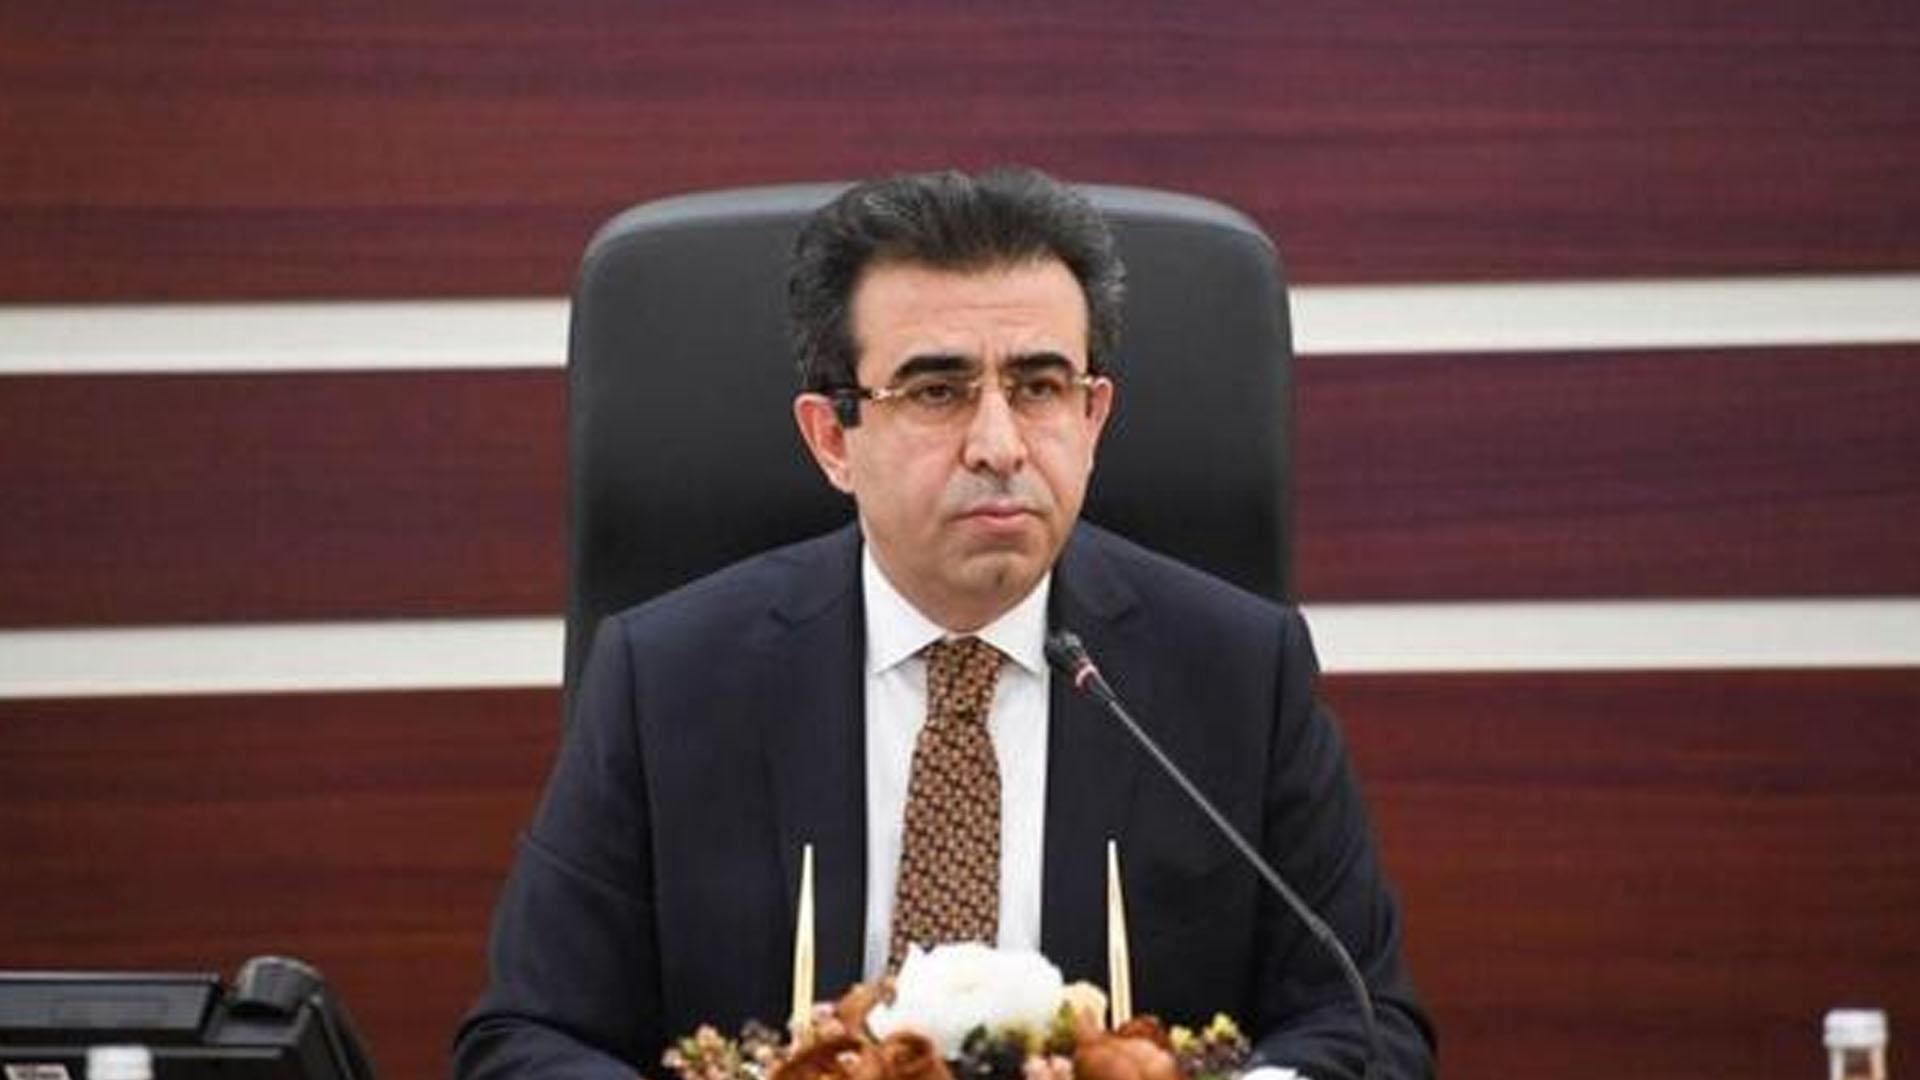 Diyarbakır Büyükşehir Belediyesi'ne kayyım atanan Güzeloğlu: Mahşeri vicdanı yaralayıcı uygulamalar gerçekleştirildi